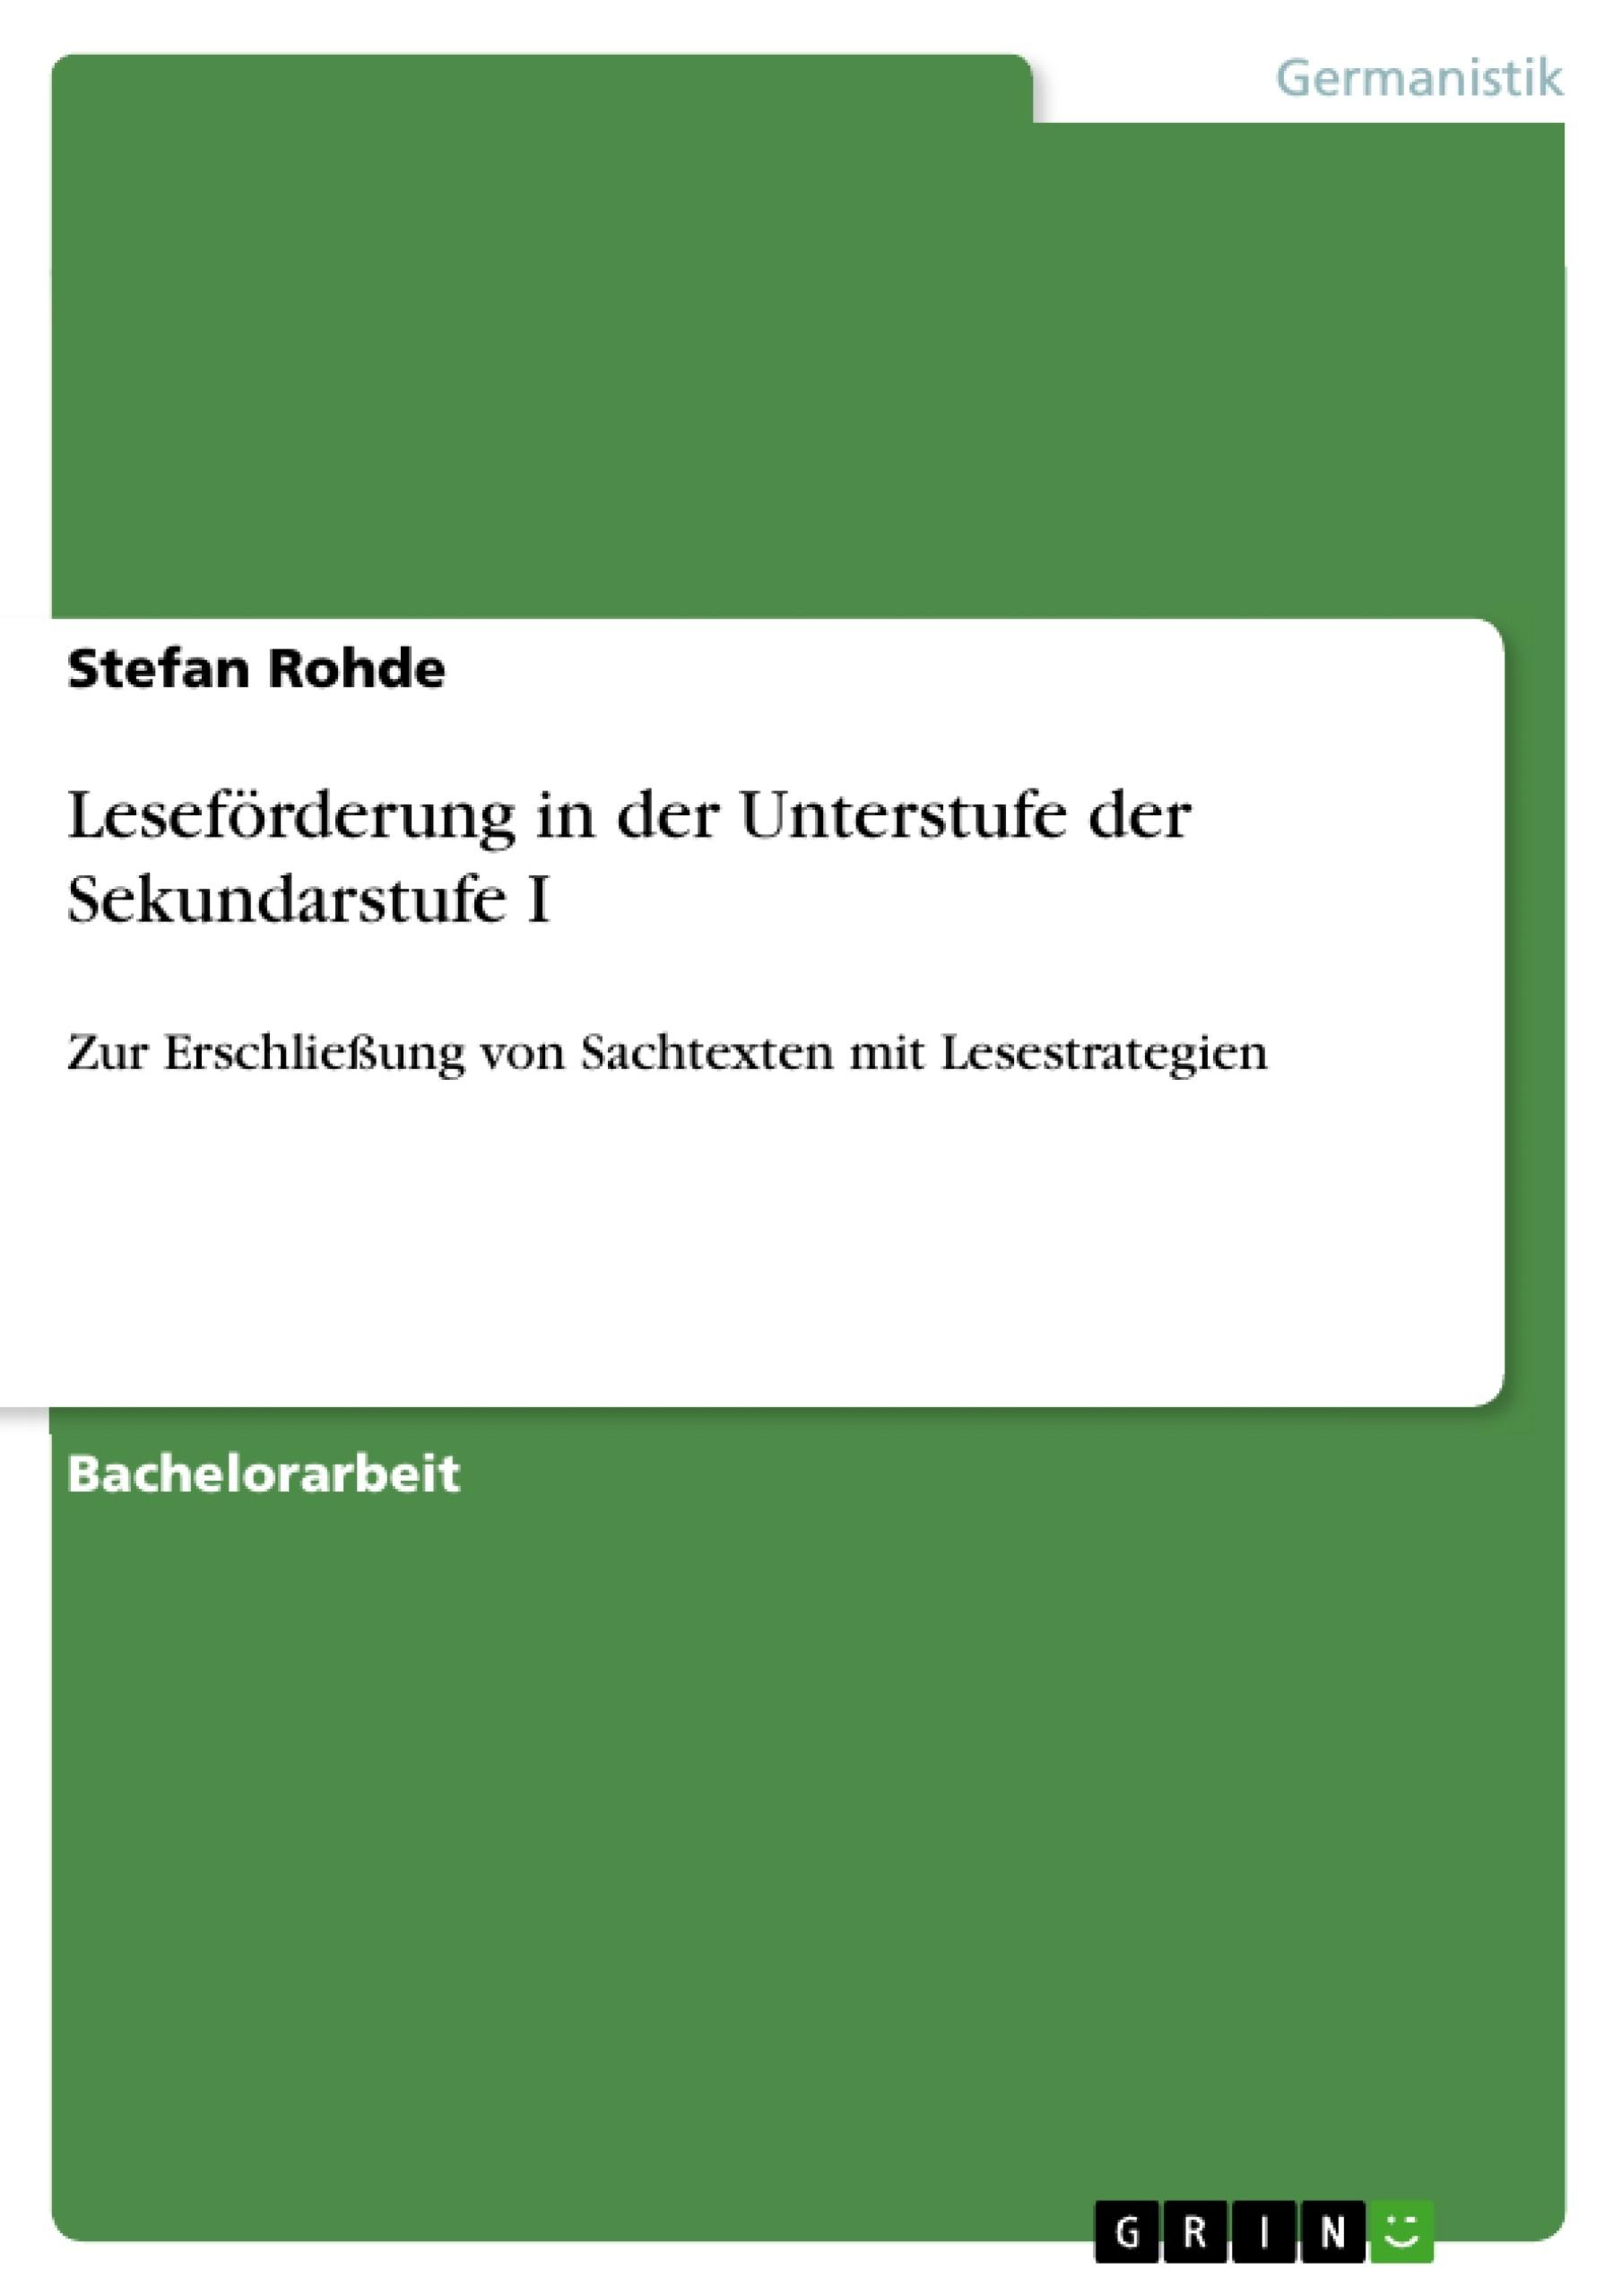 Titel: Leseförderung in der Unterstufe der Sekundarstufe I